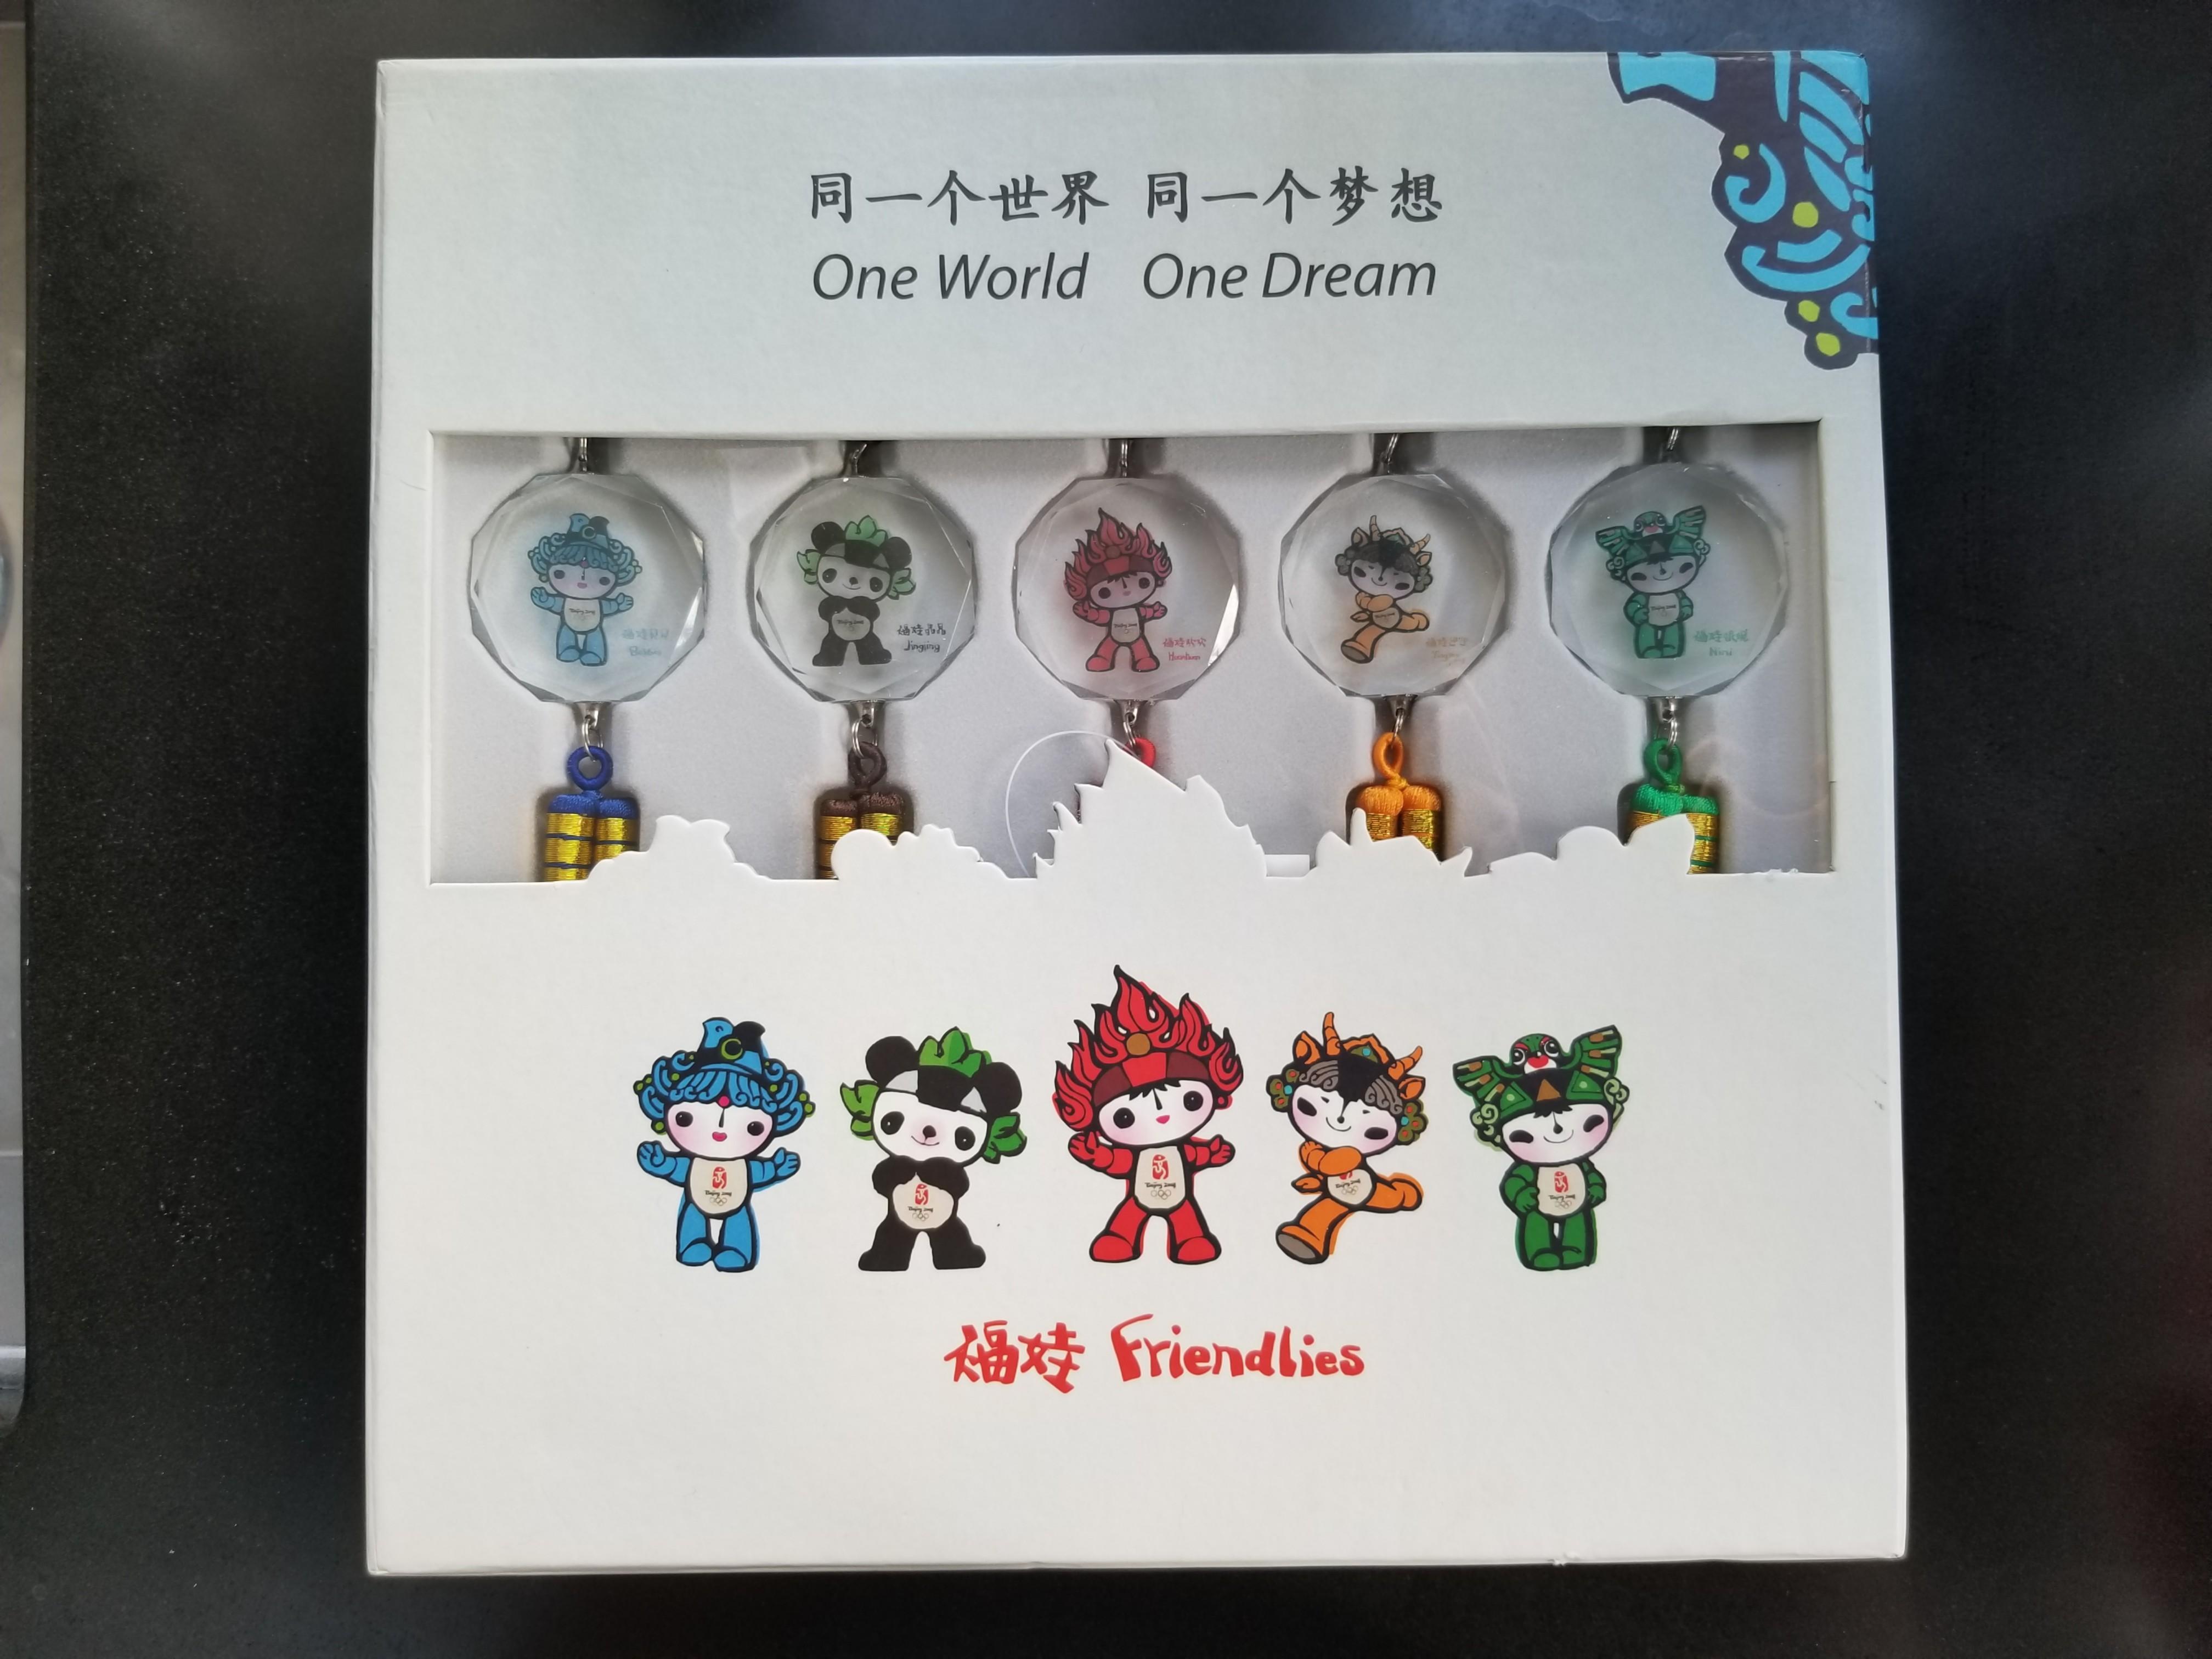 2008年北京奧運套裝福娃水晶吊飾